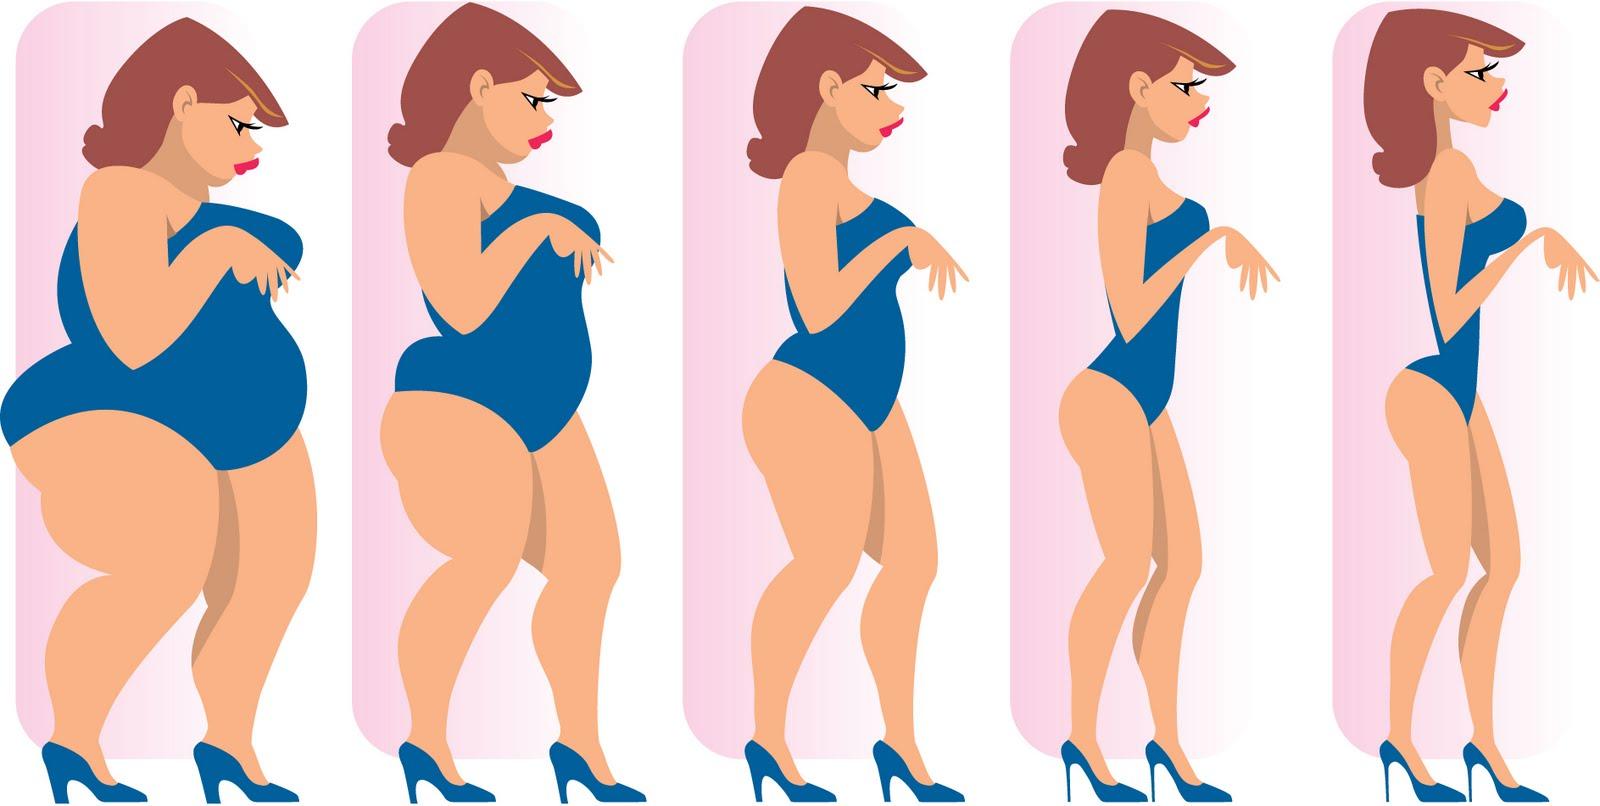 Я Сбросила Вес Без Диет. Как похудеть без диет